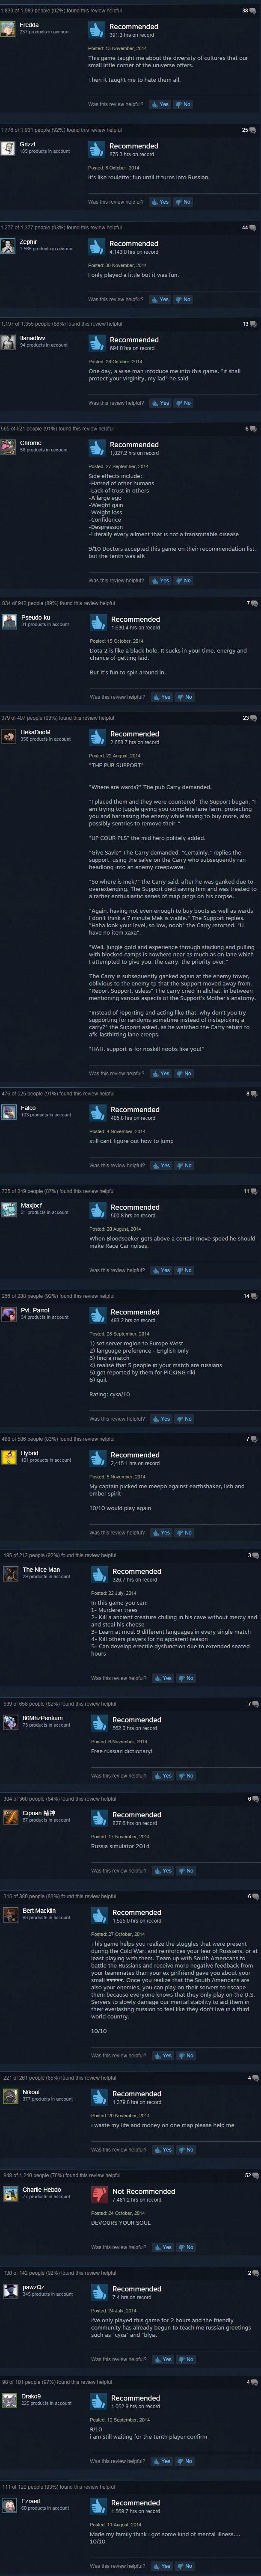 dota 2 steam user reviews - DotaCaps - Funny Dota Images